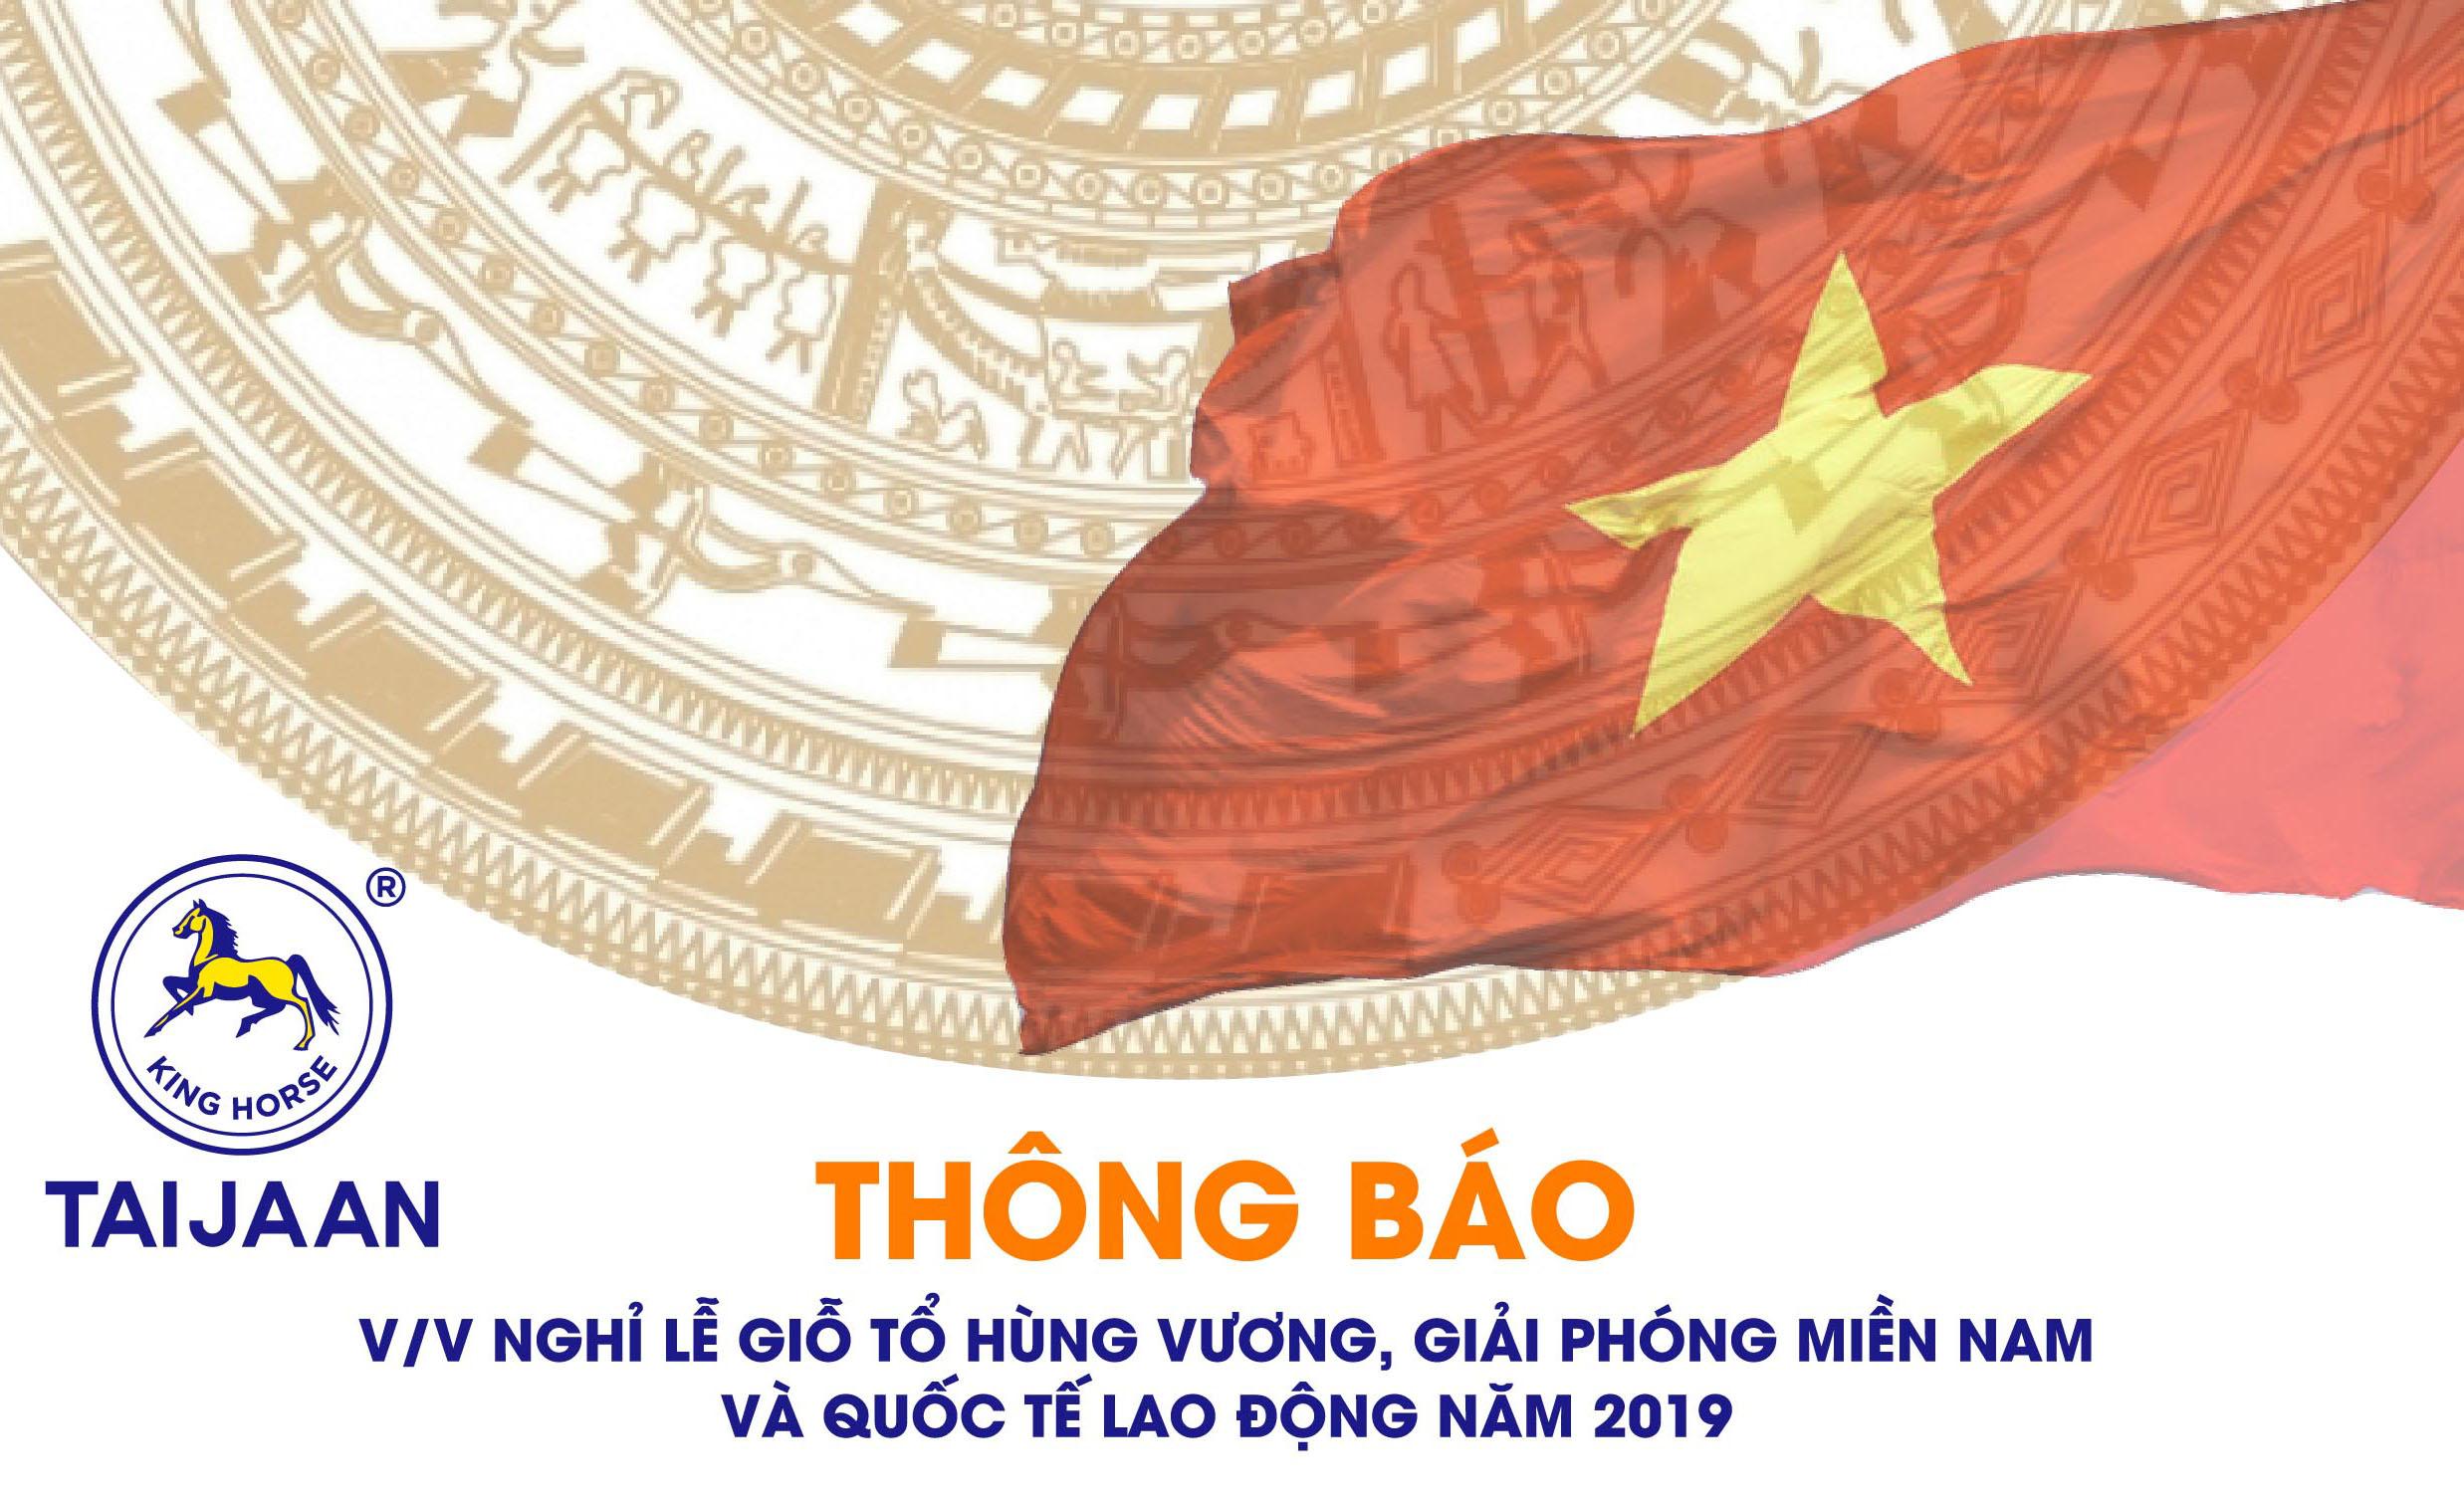 [TB] Lịch nghỉ Giỗ Tổ Hùng Vương, Giải phóng Miền Nam và Quốc Tế Lao Động